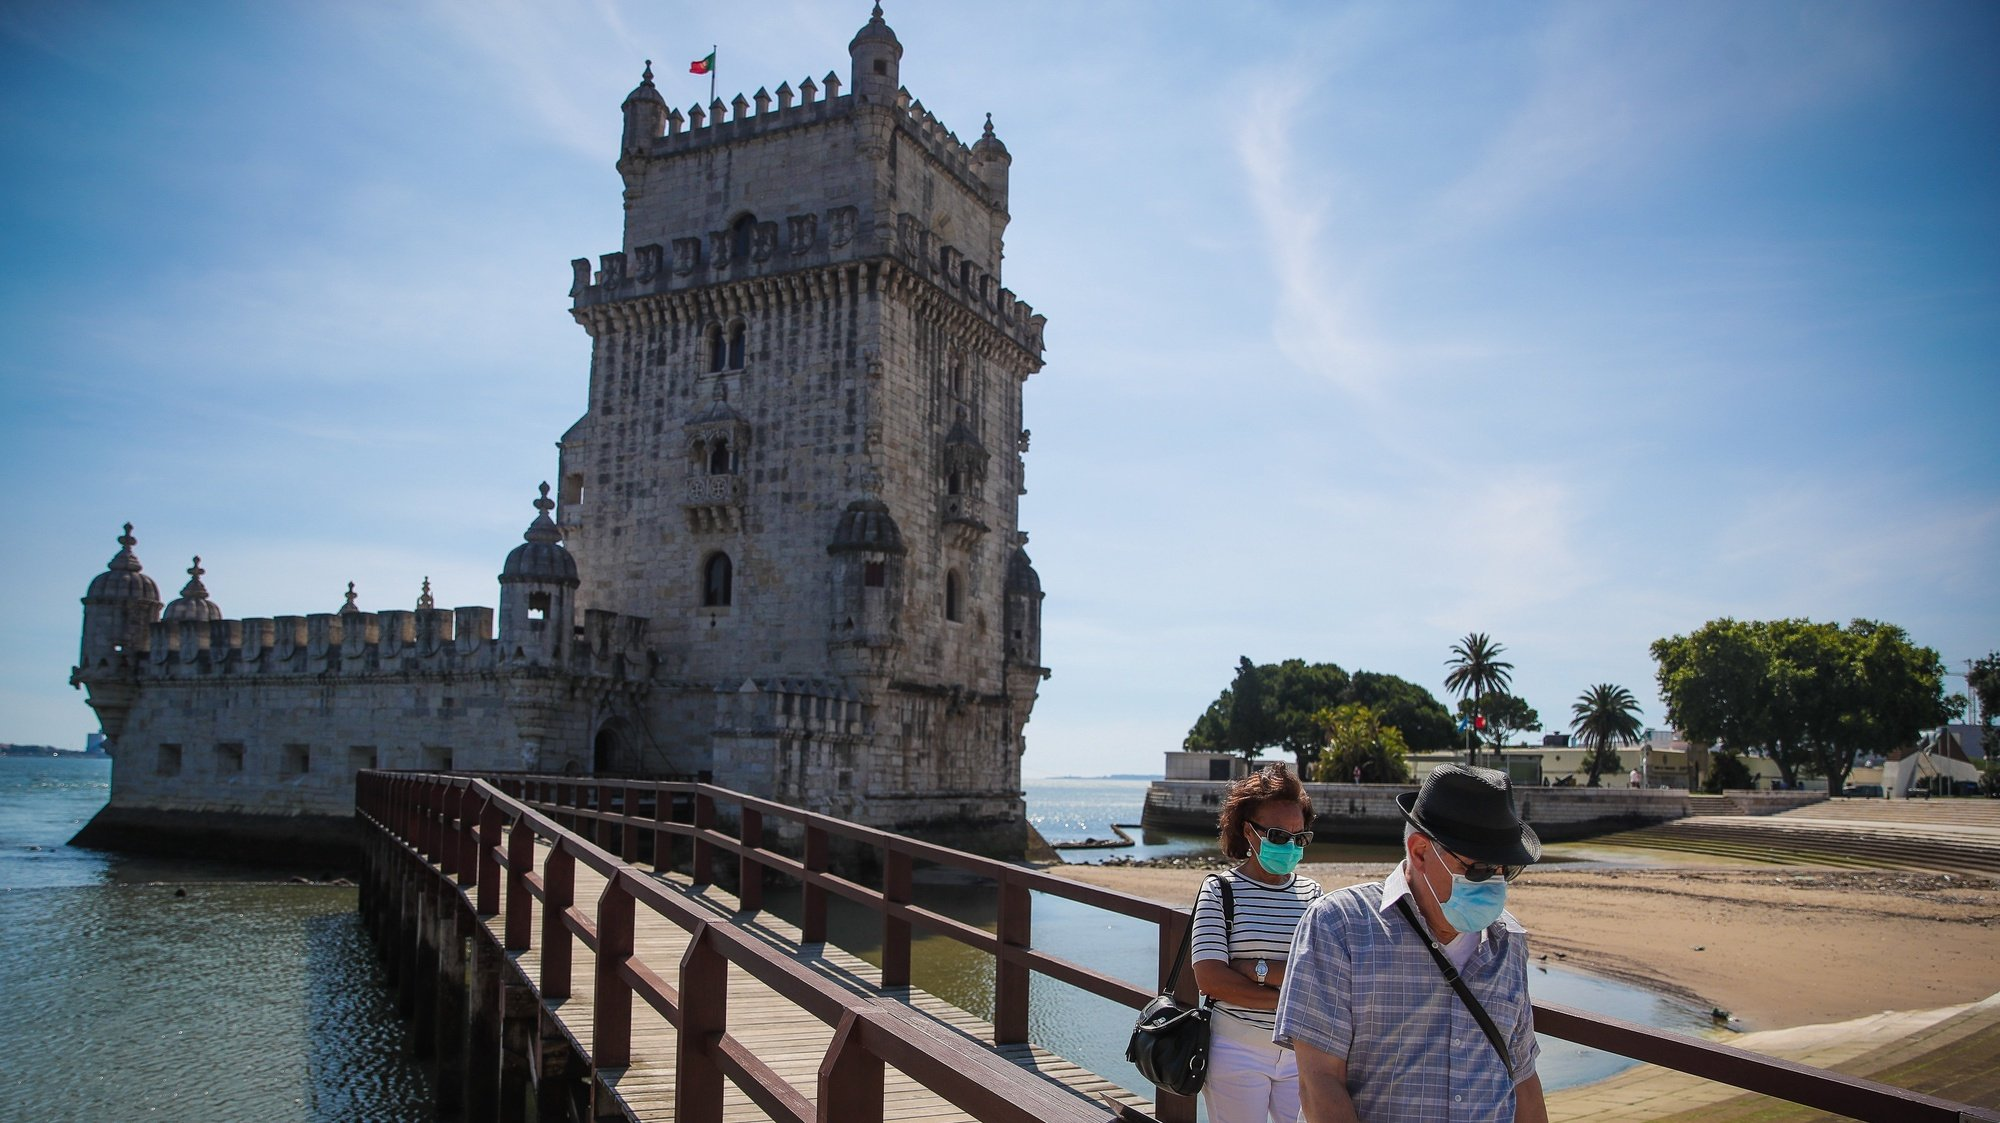 Pessoas visitam a Torre de Belém por ocasião da reabertura ao público no Dia Internacional dos Museus, em Lisboa,18 de maio de 2020. Os espaços museológicos, palácios, monumentos nacionais e galerias de arte estavam encerrados desde 14 de março devido á pandemia da covid-19. MÁRIO CRUZ/LUSA